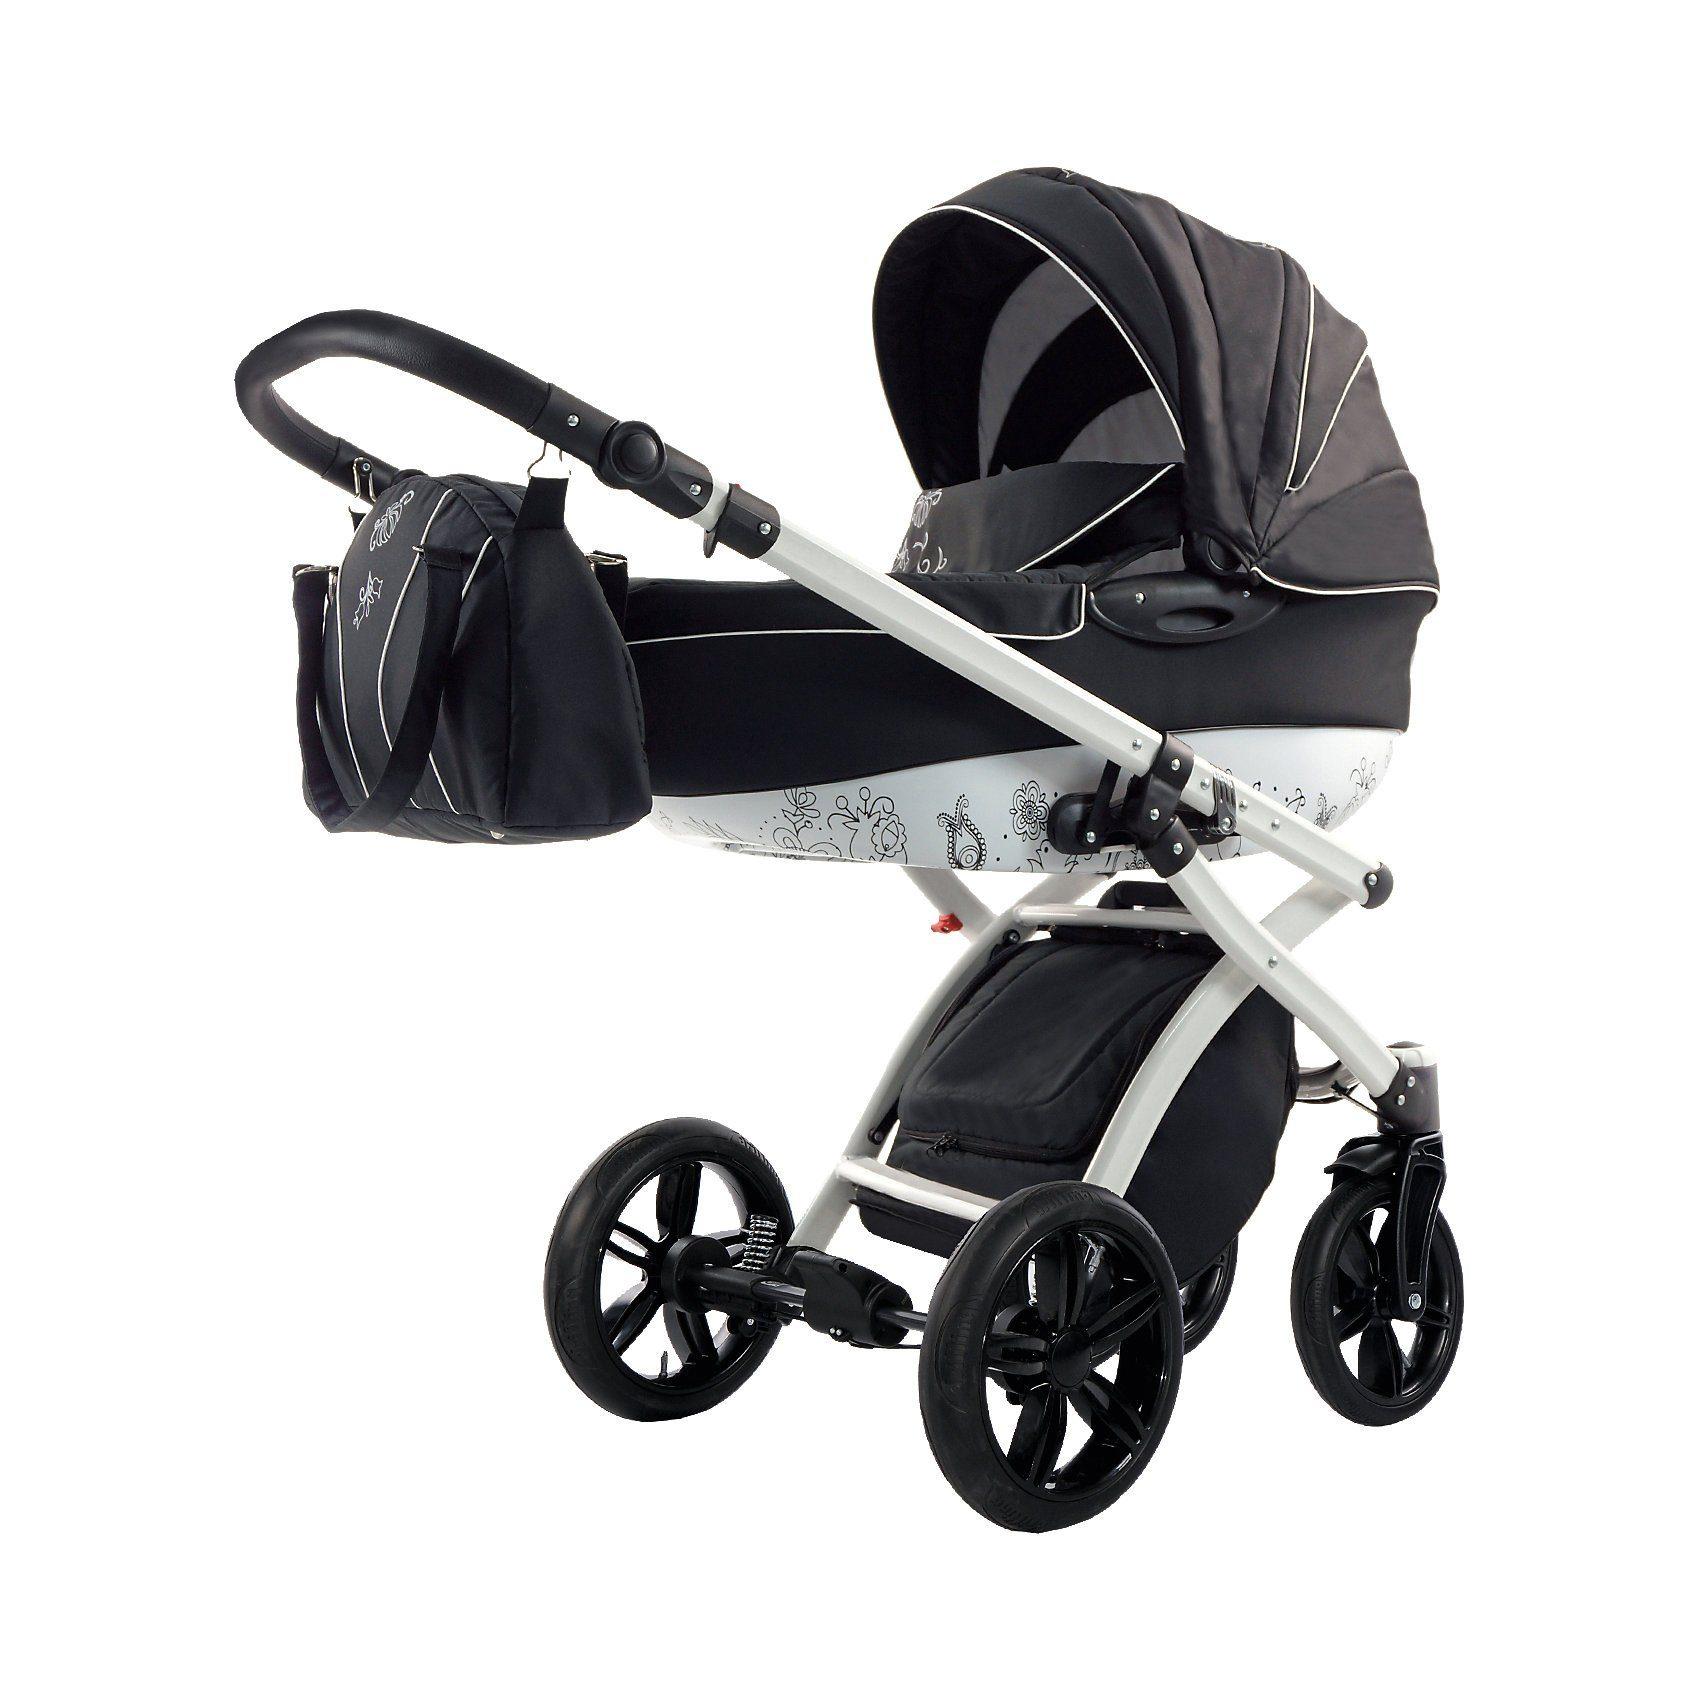 knorr-baby Kombi Kinderwagen Alive Art, schwarz-weiß